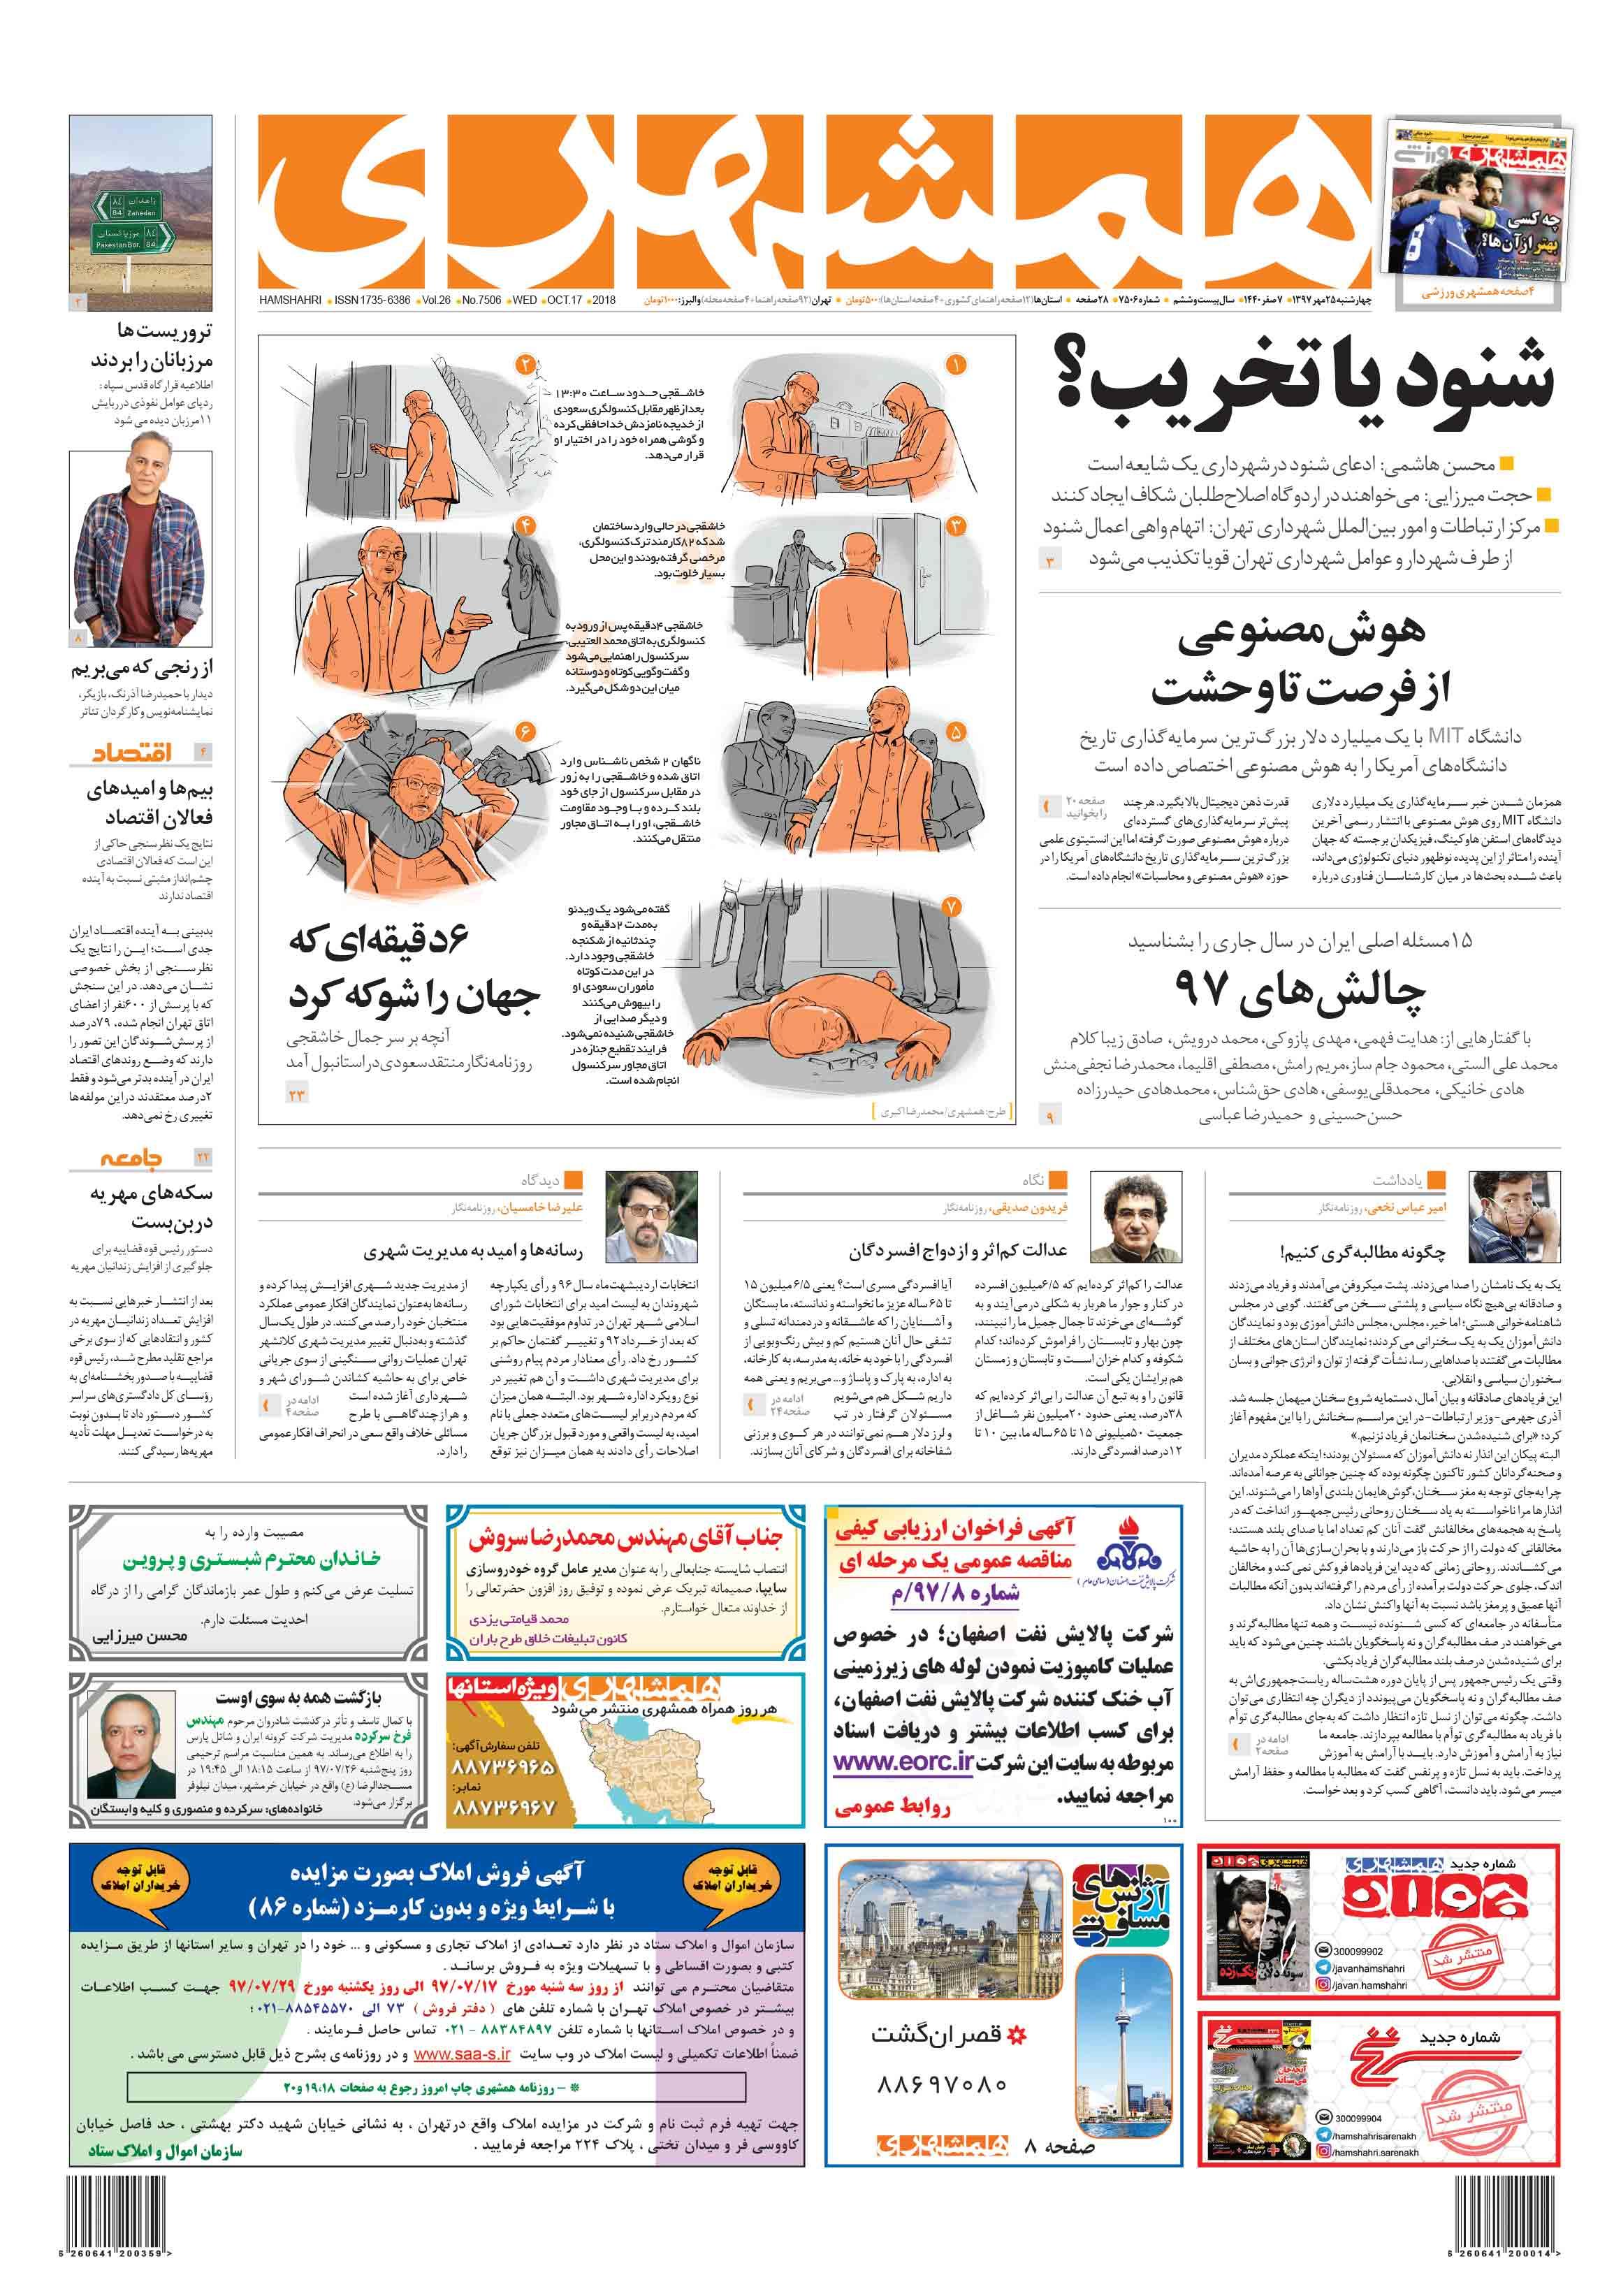 صفحه اول چهارشنبه 25 مهر 1397